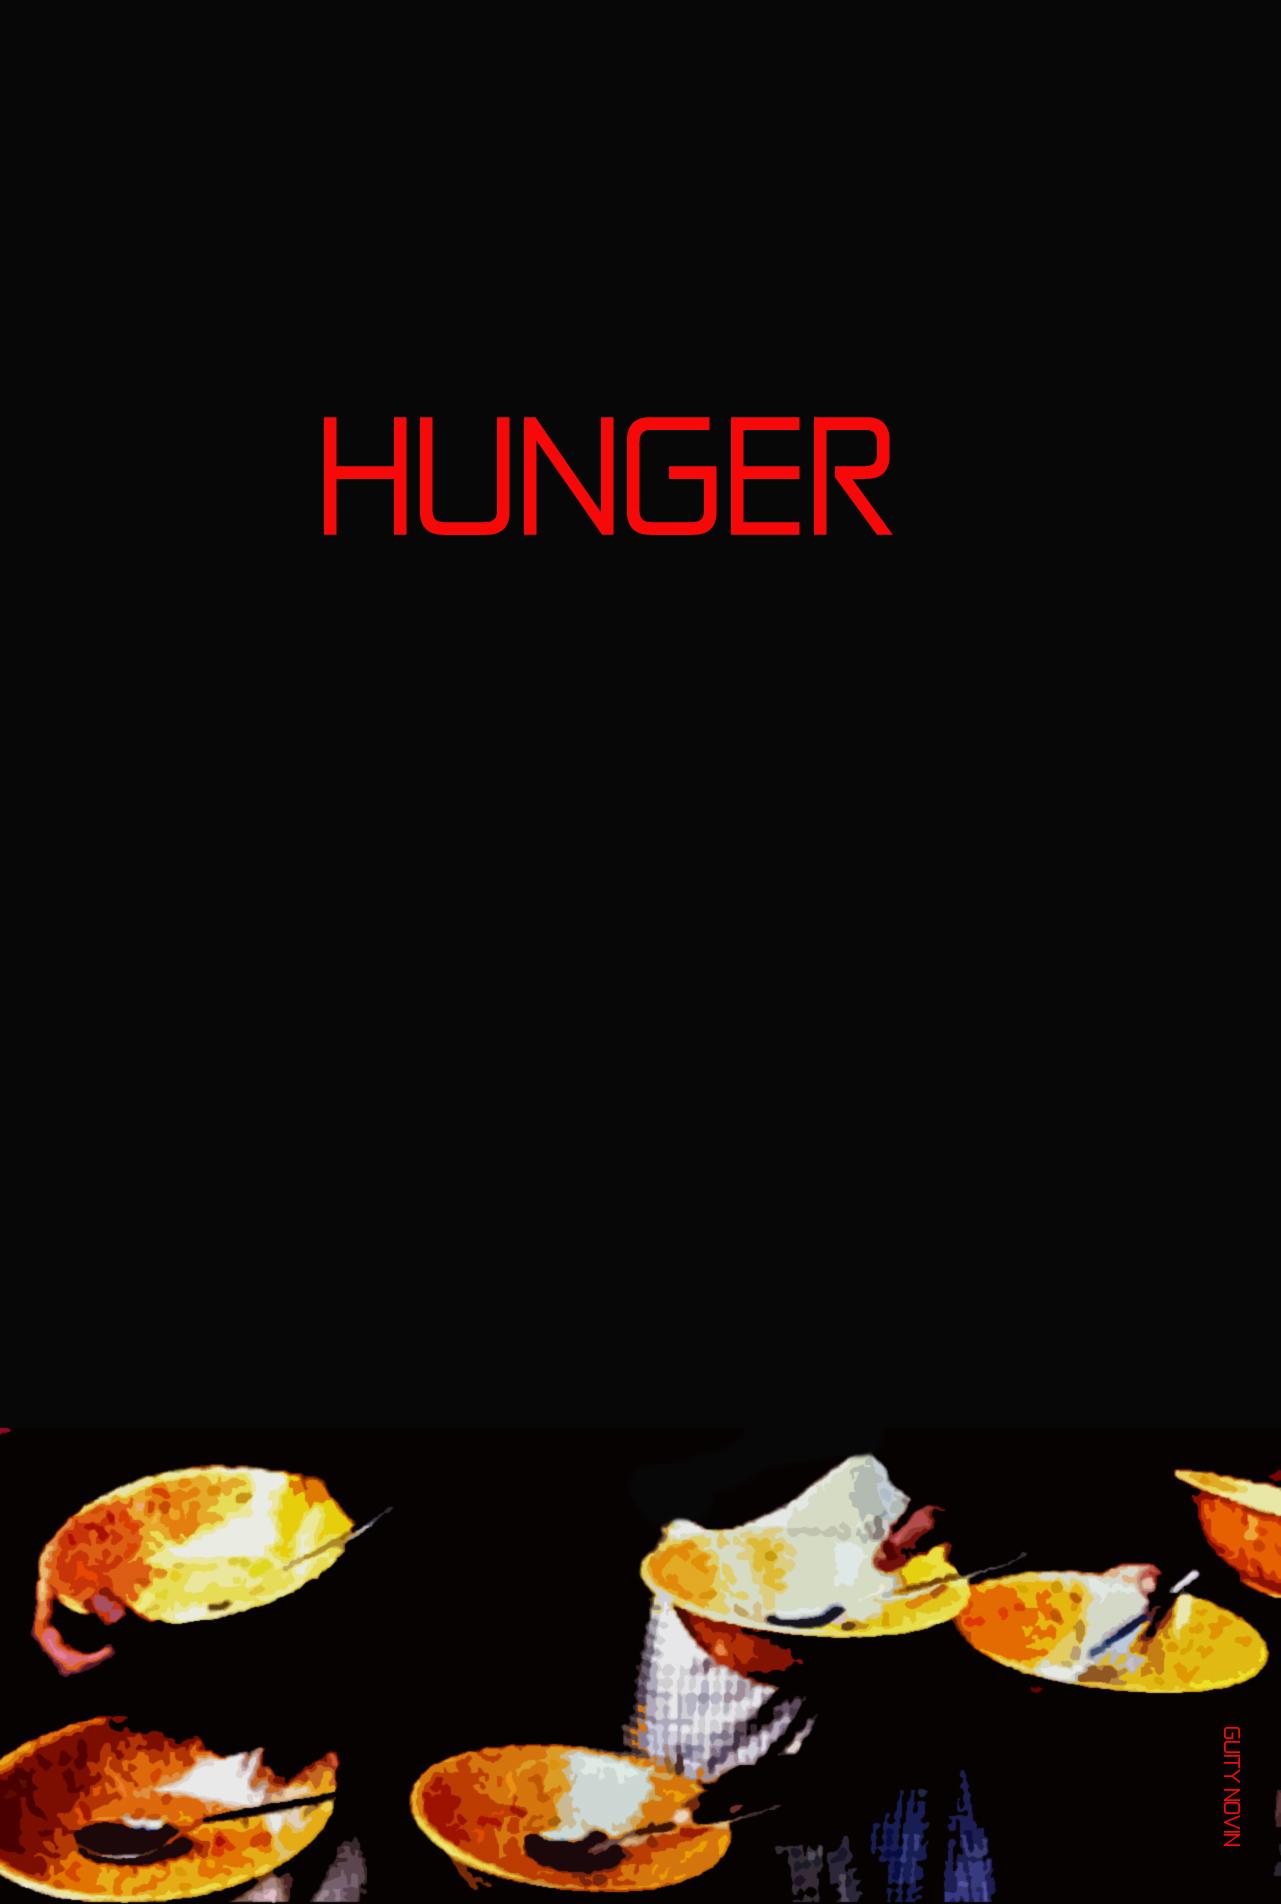 Hungry jpeg